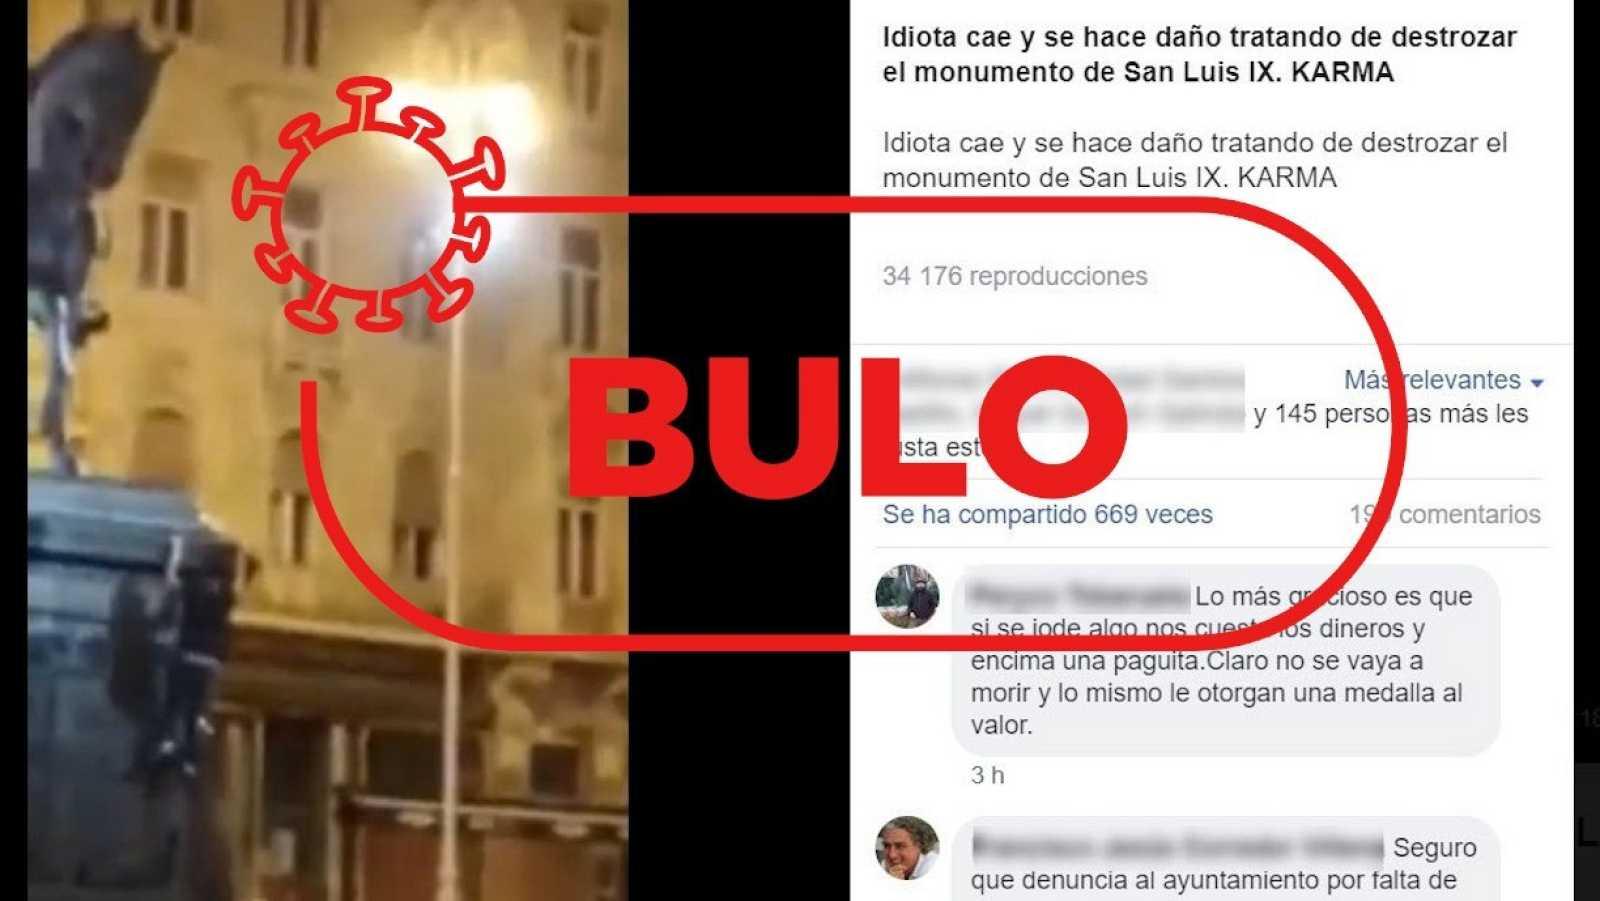 Detalle de la captura del bulo con el vídeo del joven cayendo de la estatua y el sello de RTVE Verifica.